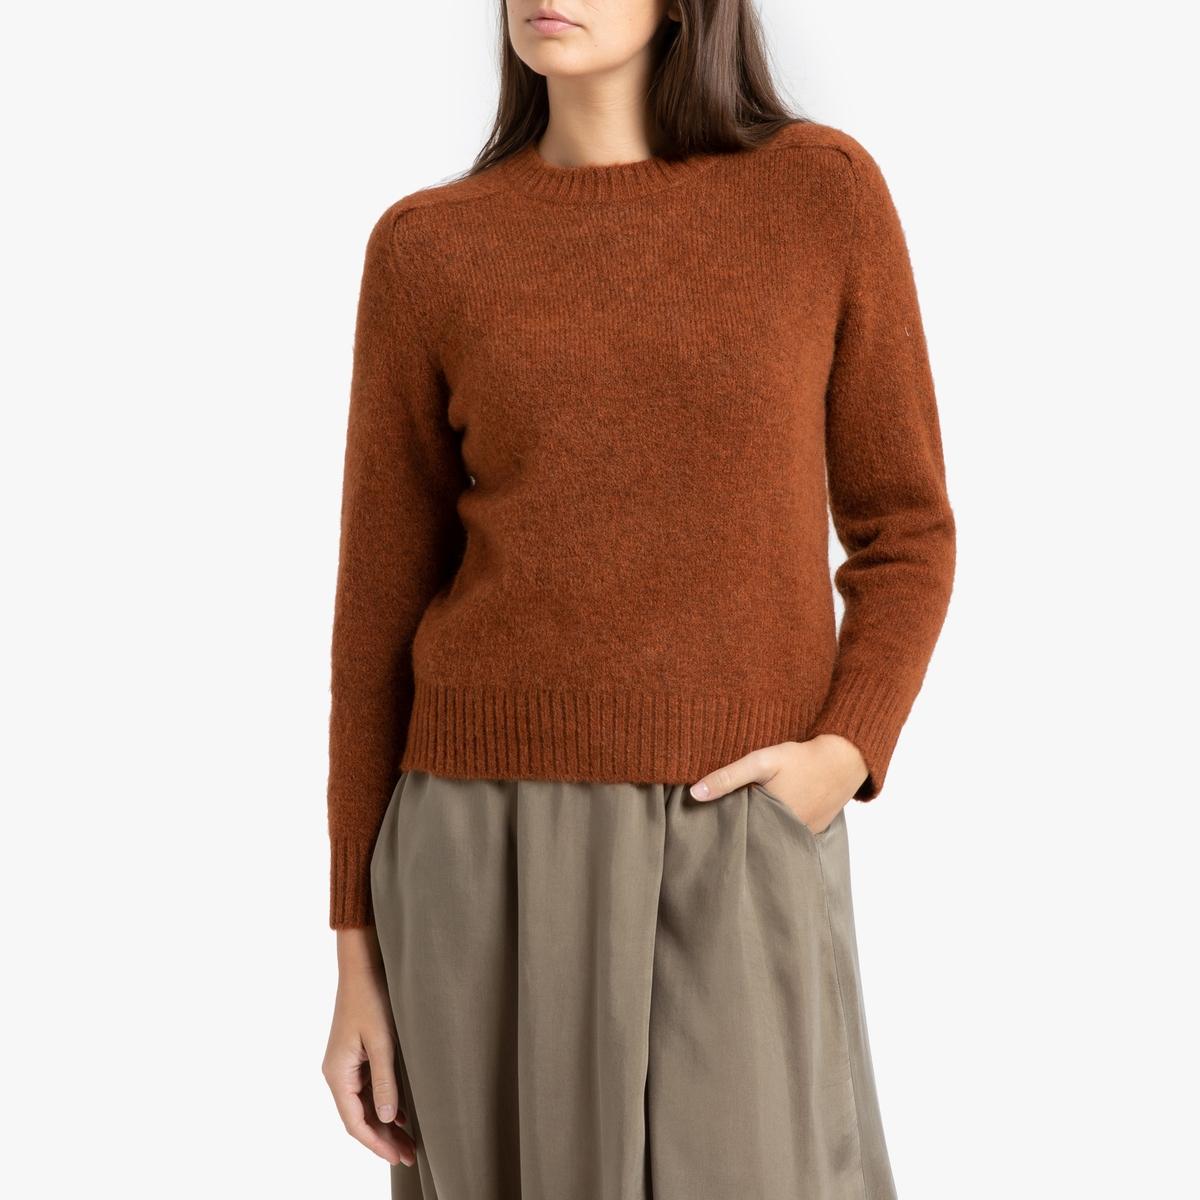 Пуловер La Redoute С круглым вырезом из плотного трикотажа ENVIE 38 (FR) - 44 (RUS) каштановый пуловер la redoute с круглым вырезом из плотного трикотажа 3xl бежевый